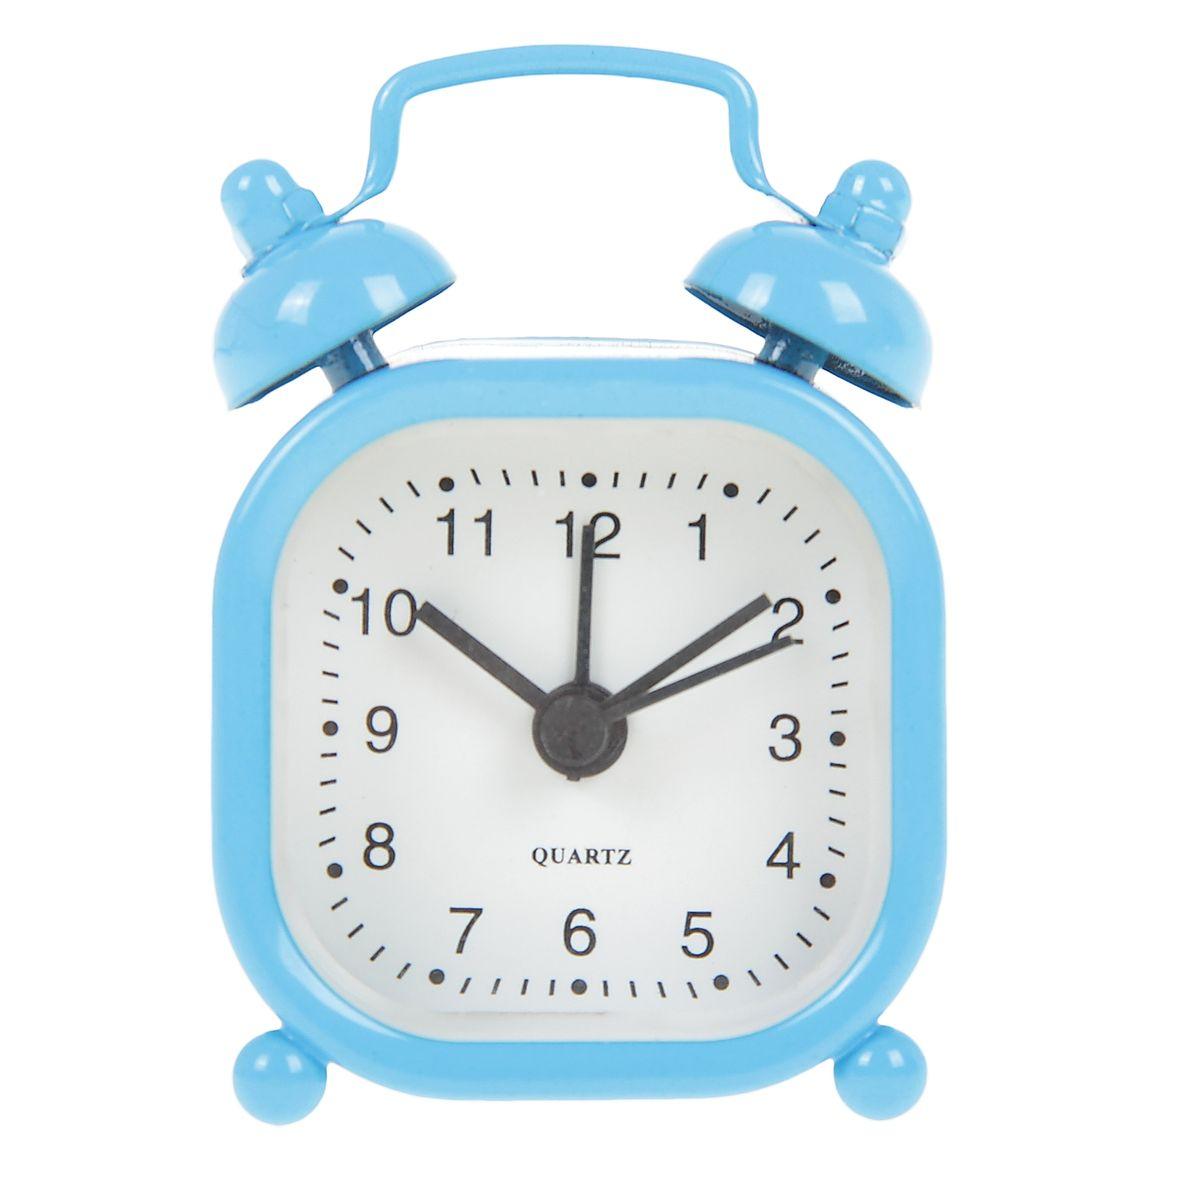 Часы-будильник Sima-land, цвет: голубой. 840951SC-AC1014NКак же сложно иногда вставать вовремя! Всегда так хочется поспать еще хотя бы 5 минут и бывает, что мы просыпаем. Теперь этого не случится! Яркий, оригинальный будильник Sima-land поможет вам всегда вставать в нужное время и успевать везде и всюду. Будильник украсит вашу комнату и приведет в восхищение друзей. Эта уменьшенная версия привычного будильника умещается на ладони и работает так же громко, как и привычные аналоги. Время показывает точно и будит в установленный час.На задней панели будильника расположены переключатель включения/выключения механизма, а также два колесика для настройки текущего времени и времени звонка будильника.Будильник работает от 1 батарейки типа LR44 (входит в комплект).